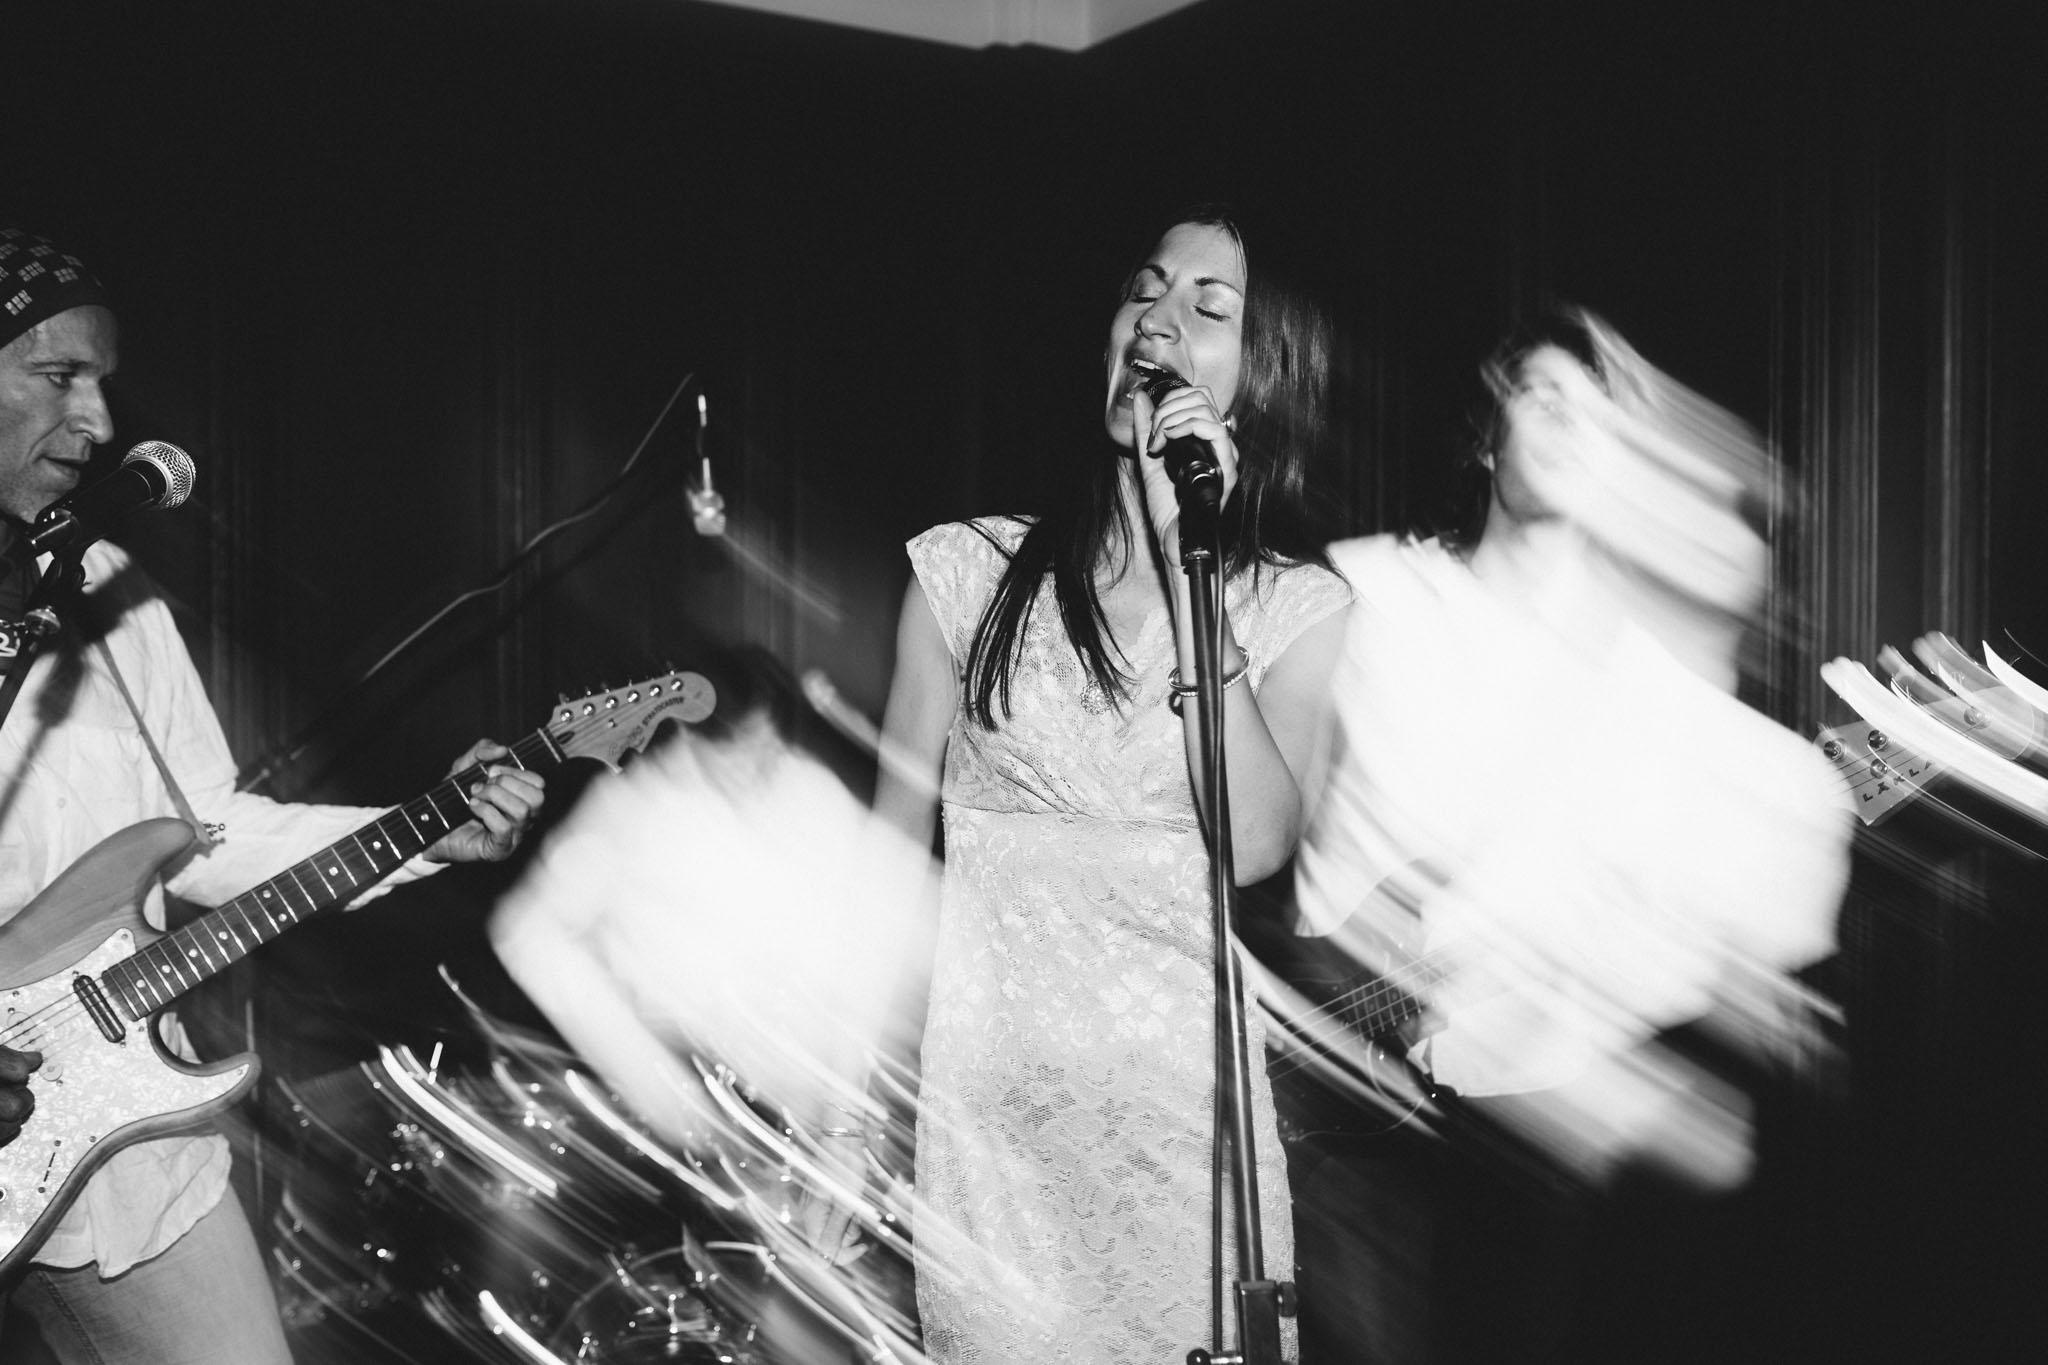 hochzeit-band-fotograf-reportage-schwarzweiss